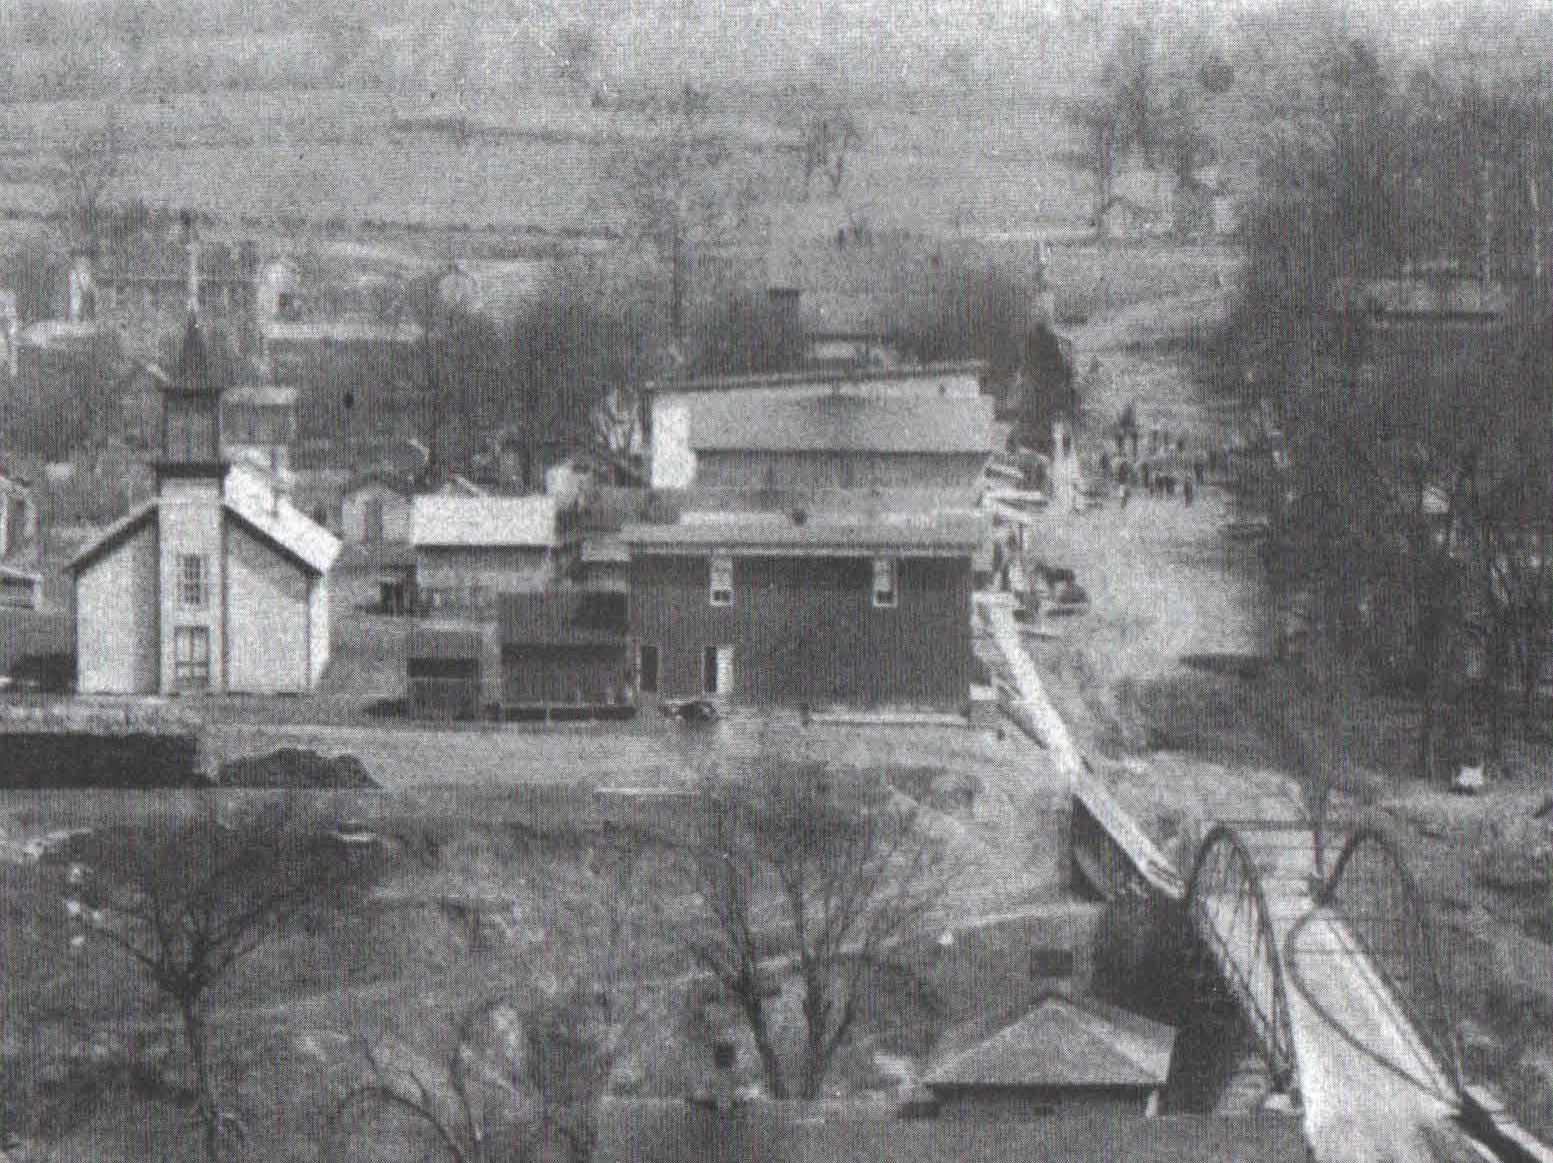 1985 church